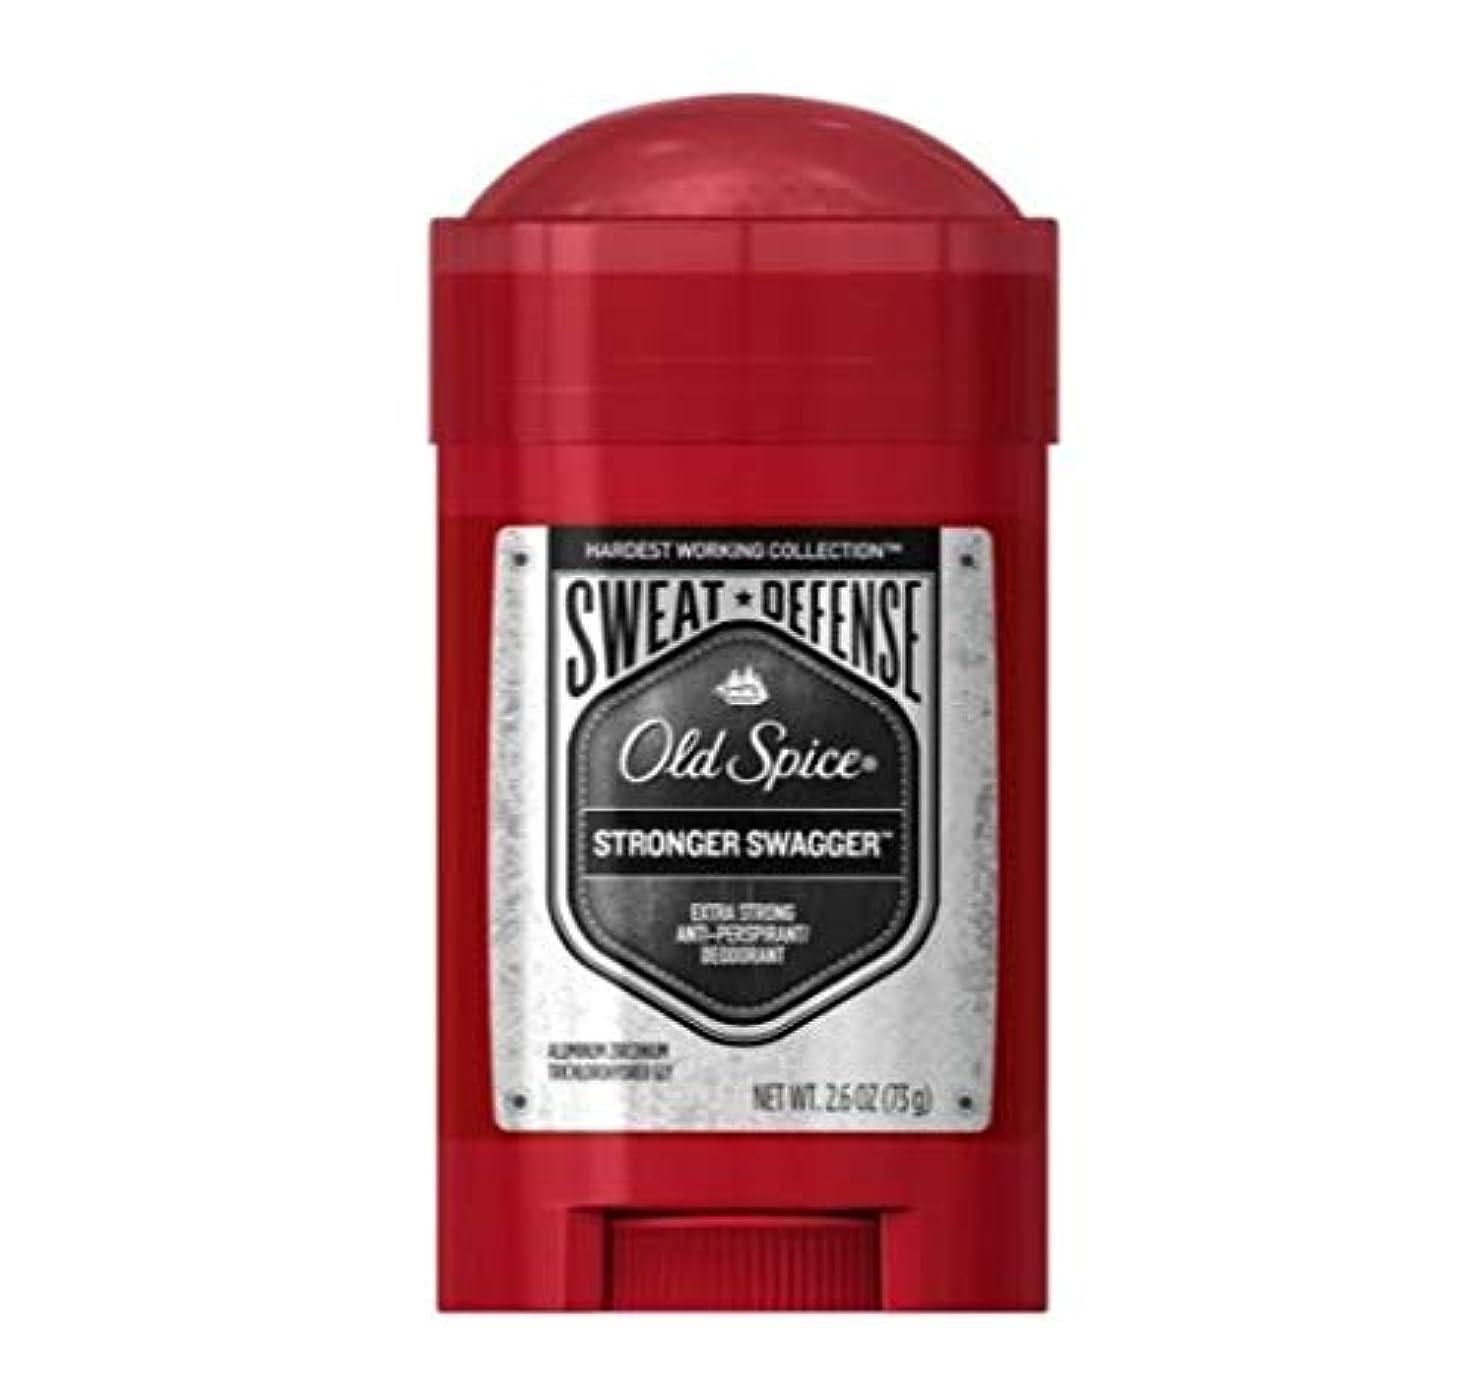 バージン認める最初にOld Spice Hardest Working Collection Sweat Defense Stronger Swagger Antiperspirant and Deodorant - 2.6oz オールドスパイス...